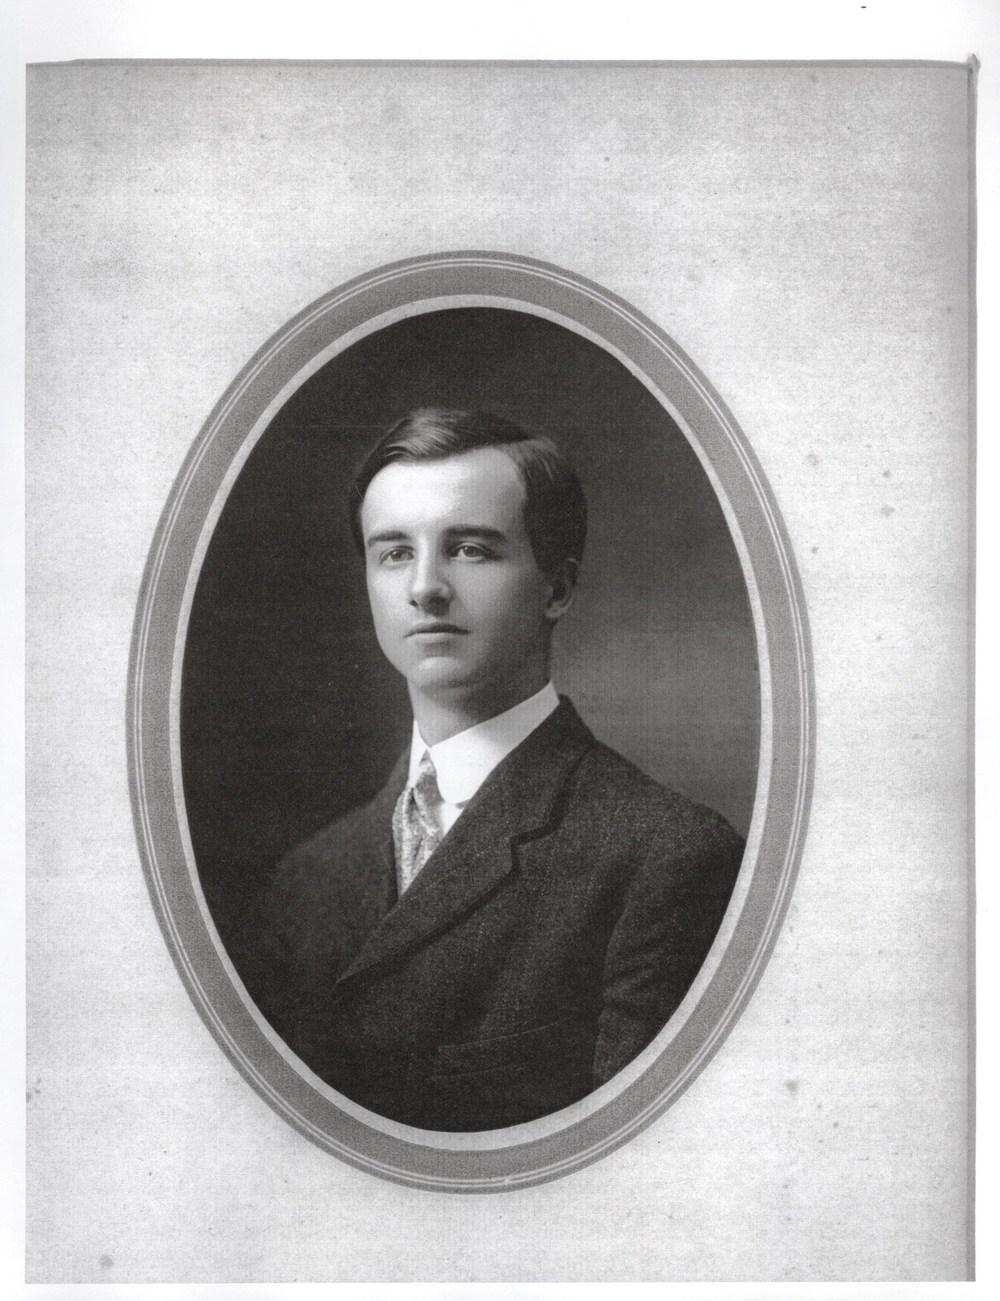 Ernest Carley Bleecker 1887-1913